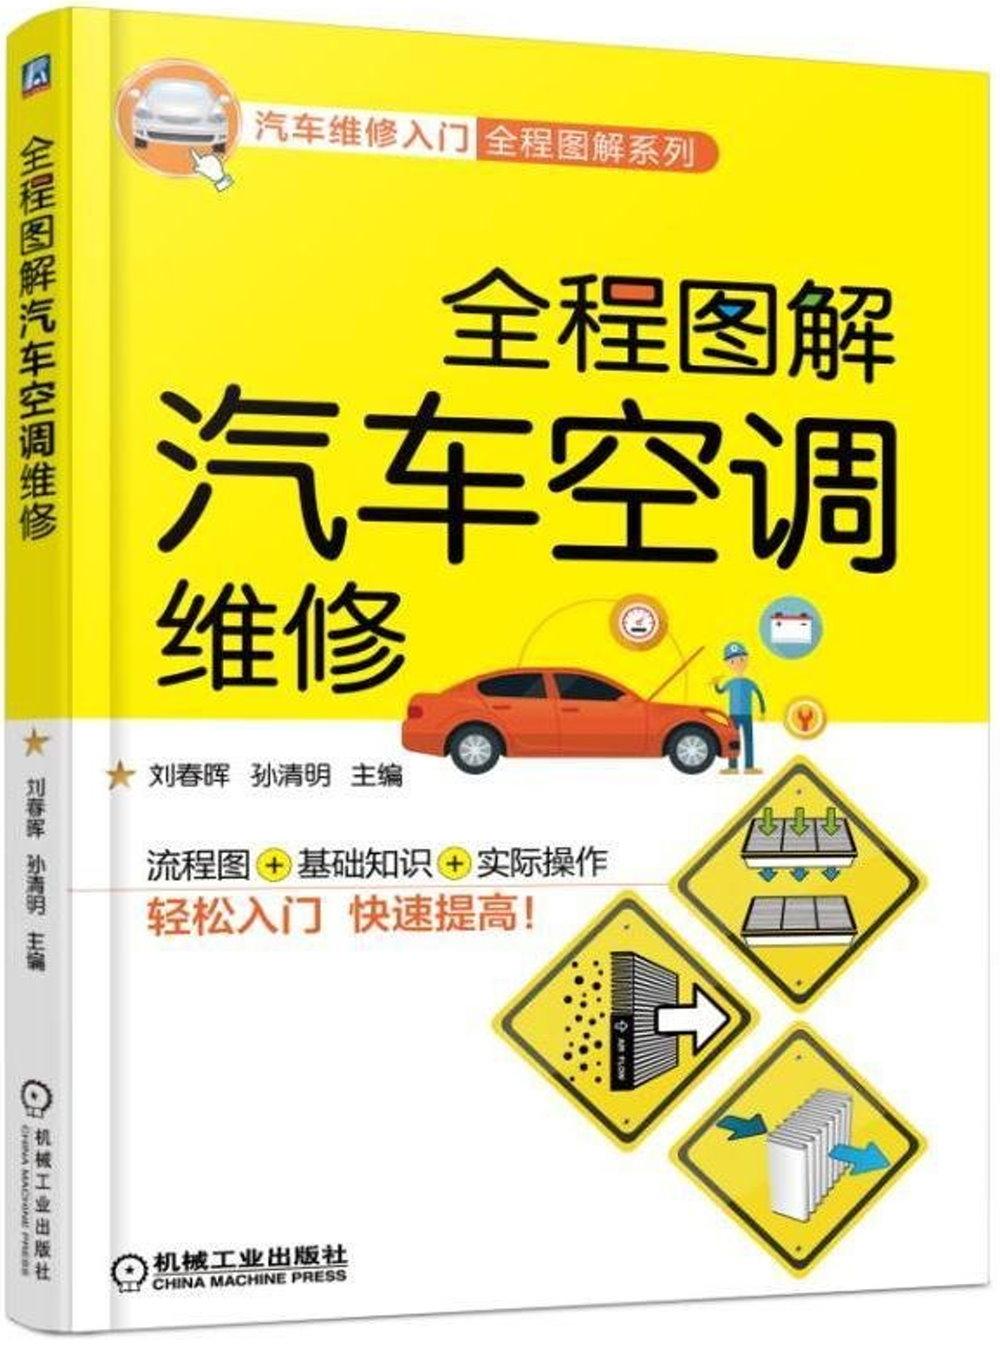 全程圖解汽車空調維修